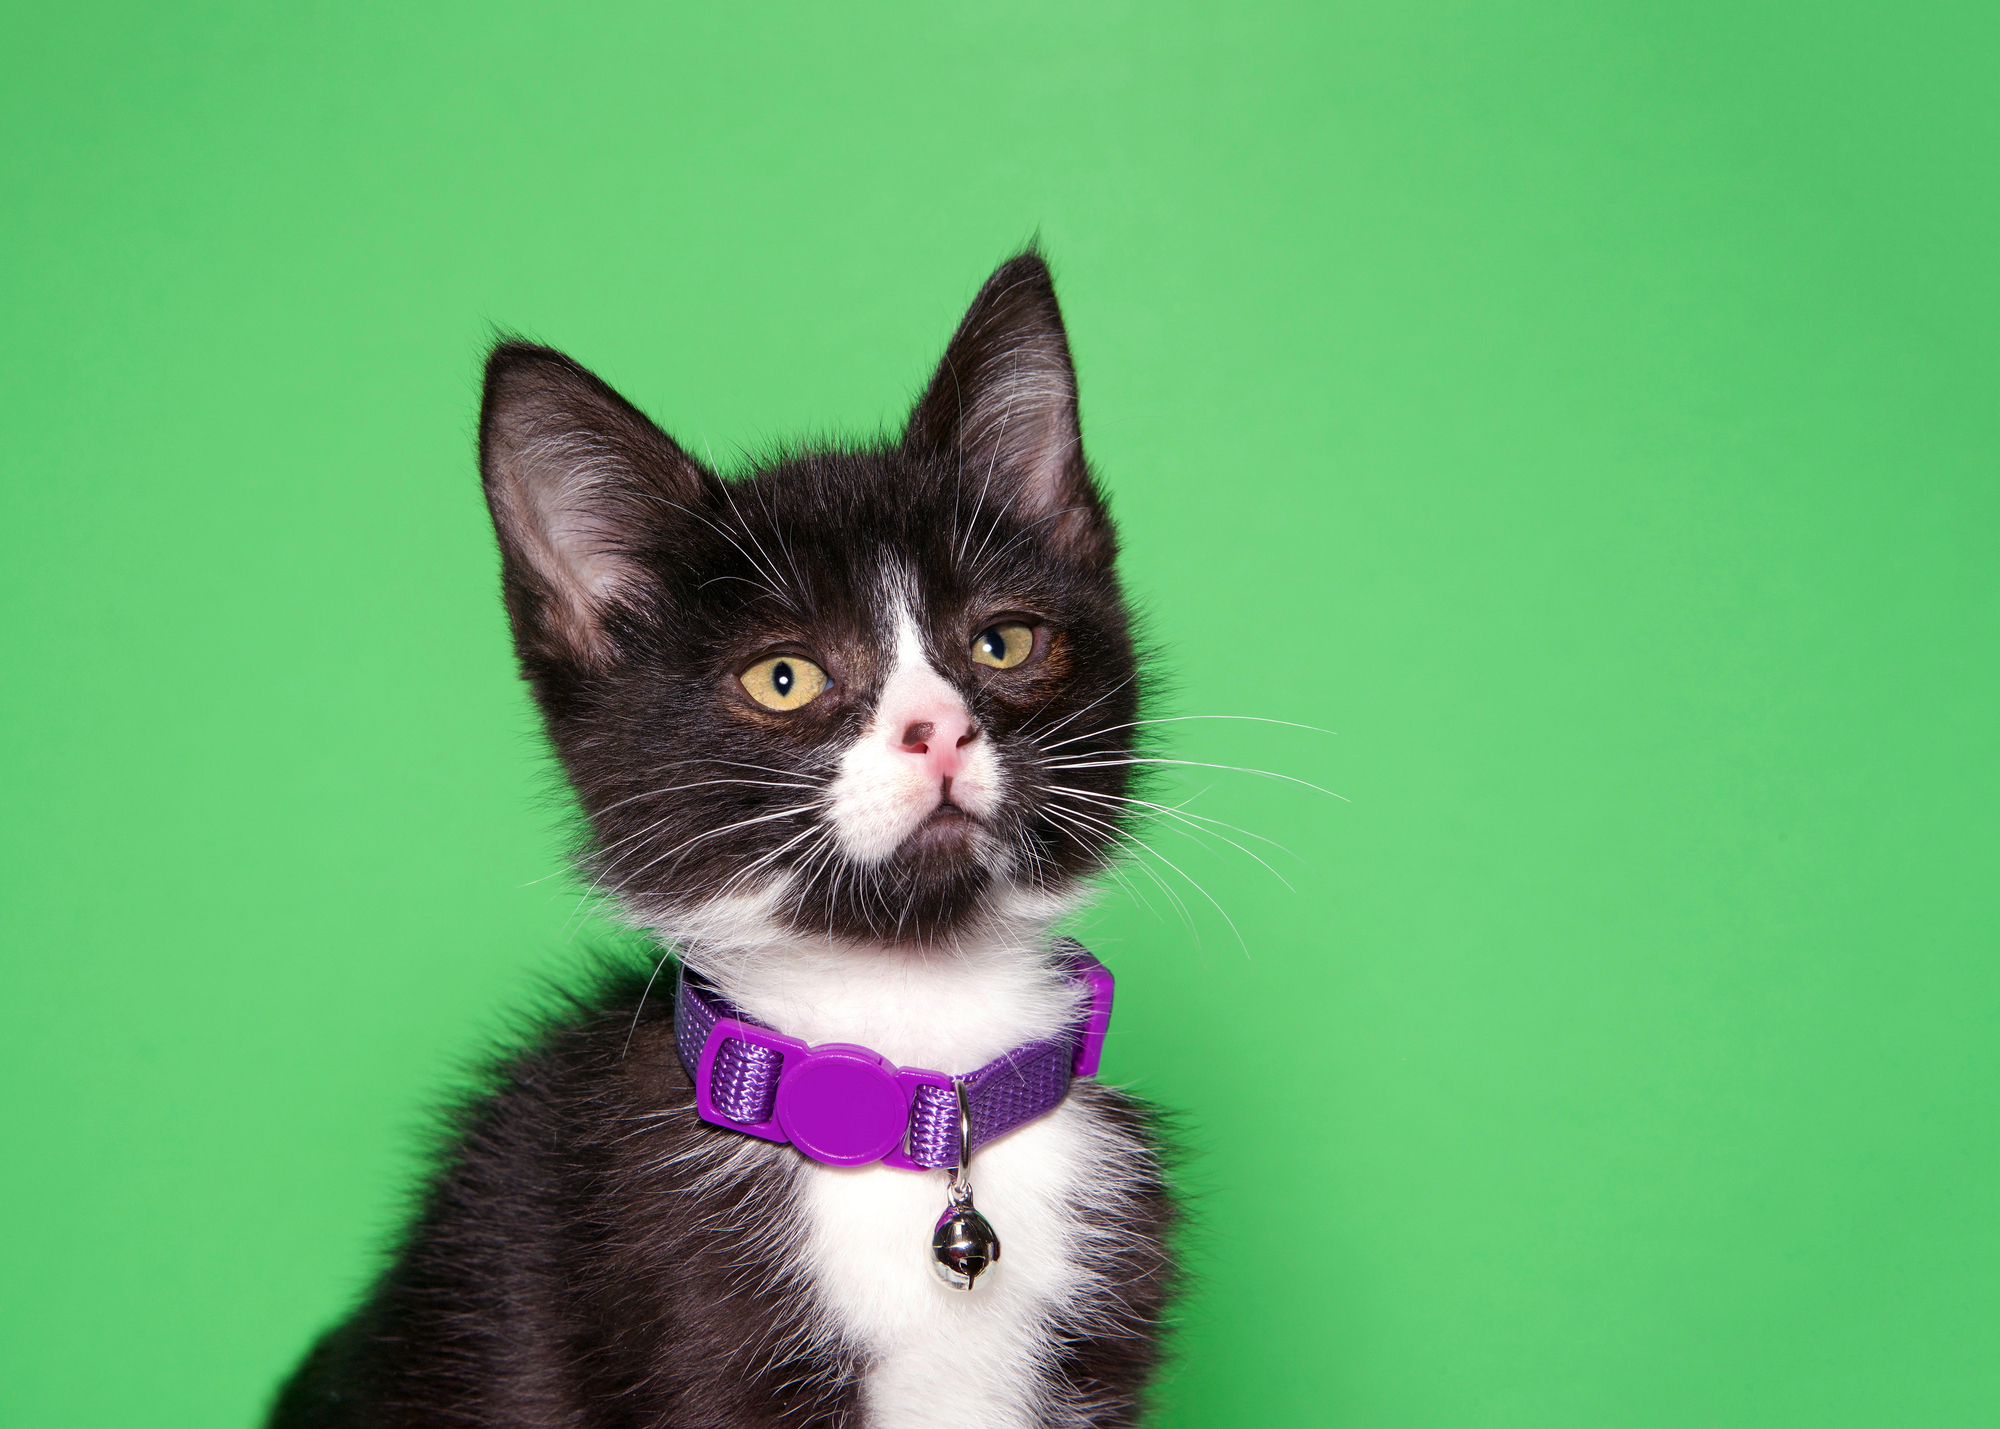 Вам следует взвесить все плюсы иминусы, прежде чем прикреплять колокольчик кошейнику своей кошки.